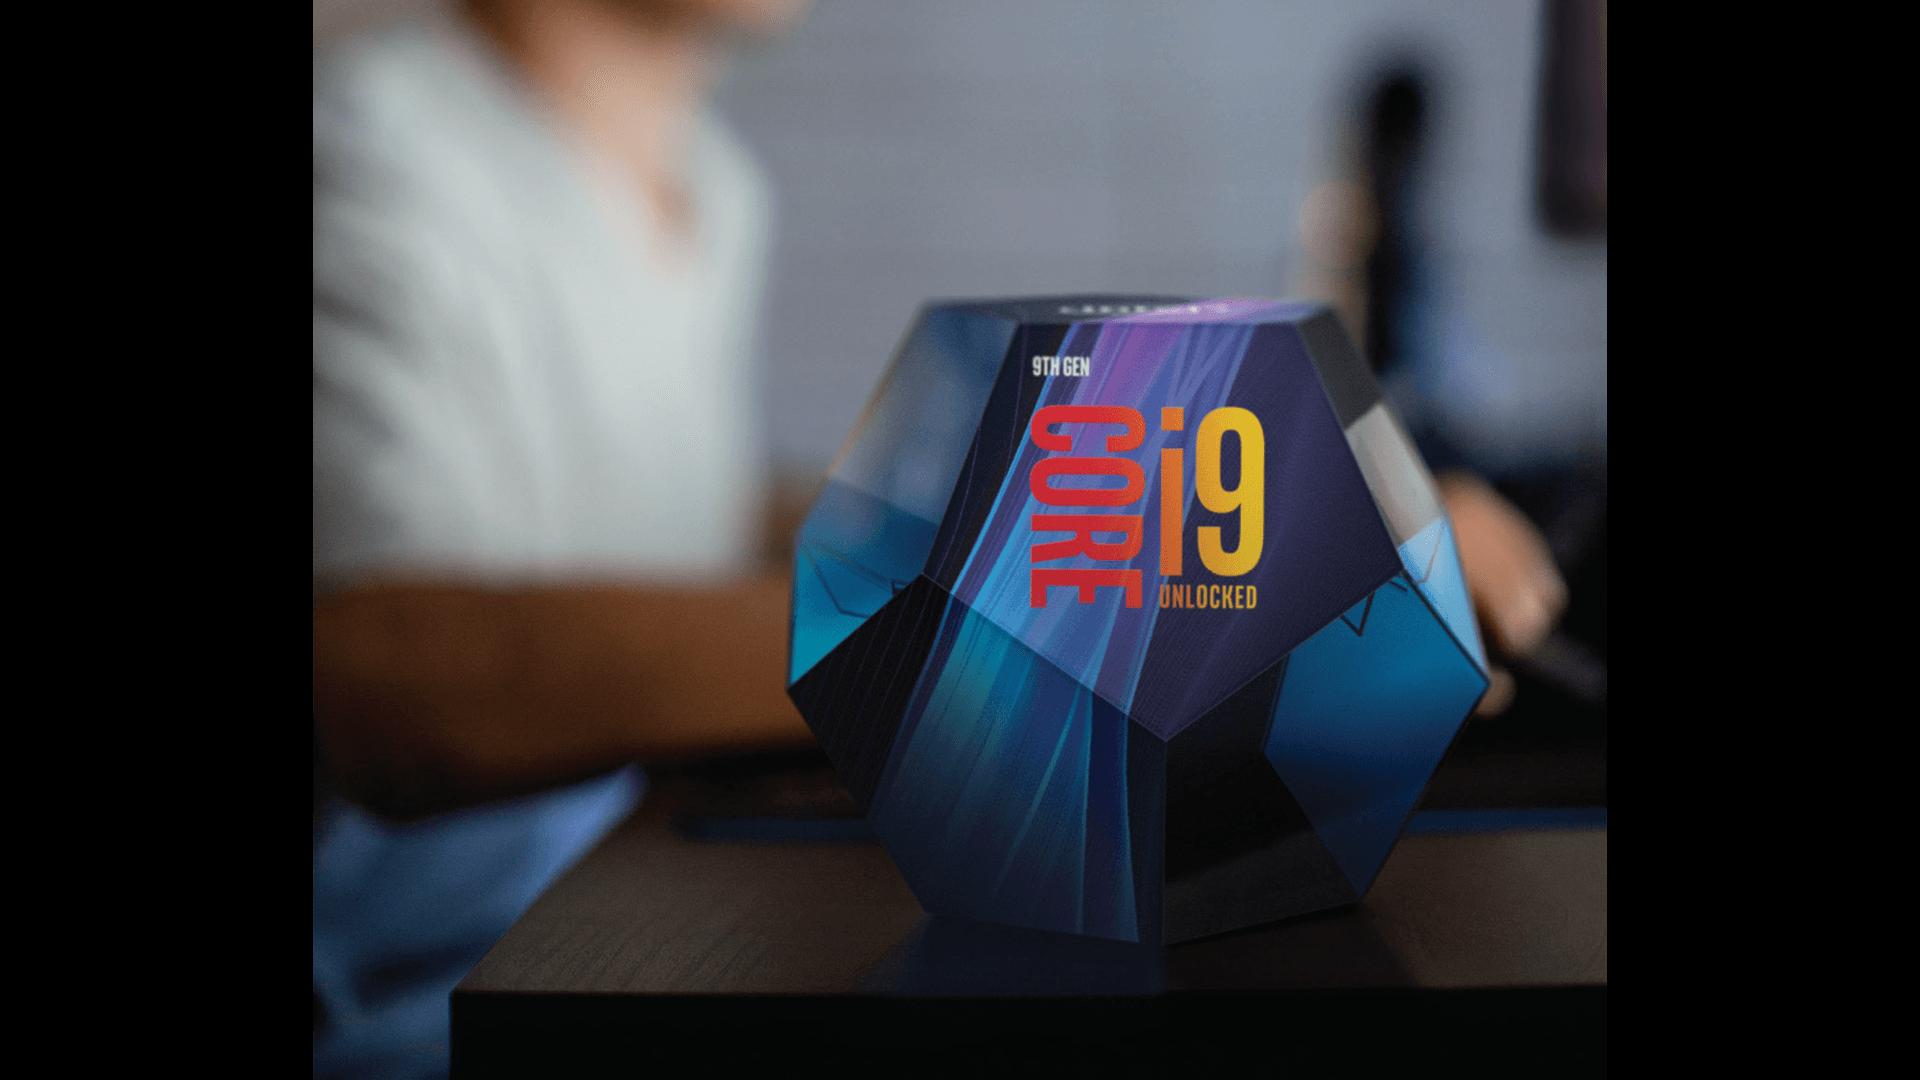 Cubo i9 core de novena generación con imagen de fondo